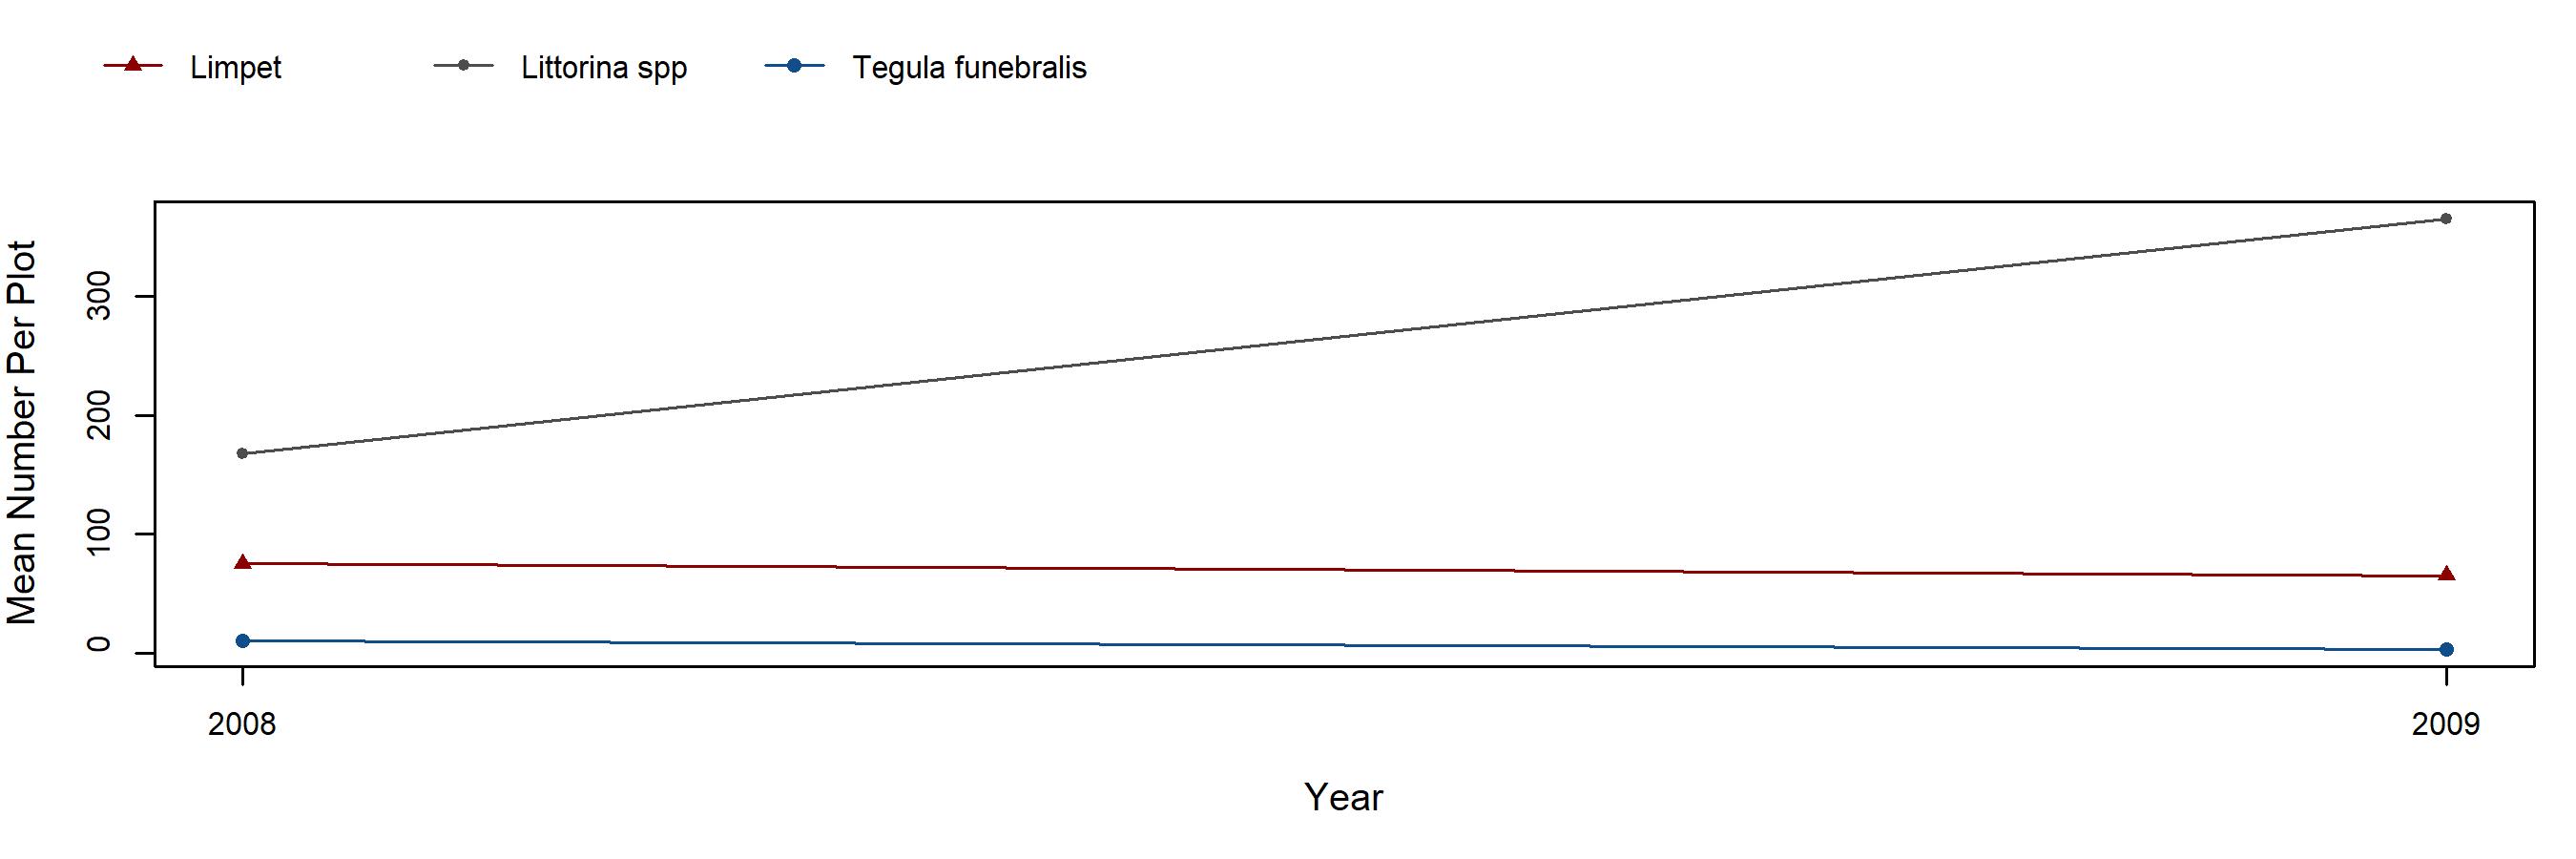 Davenport Landing barnacle trend plot